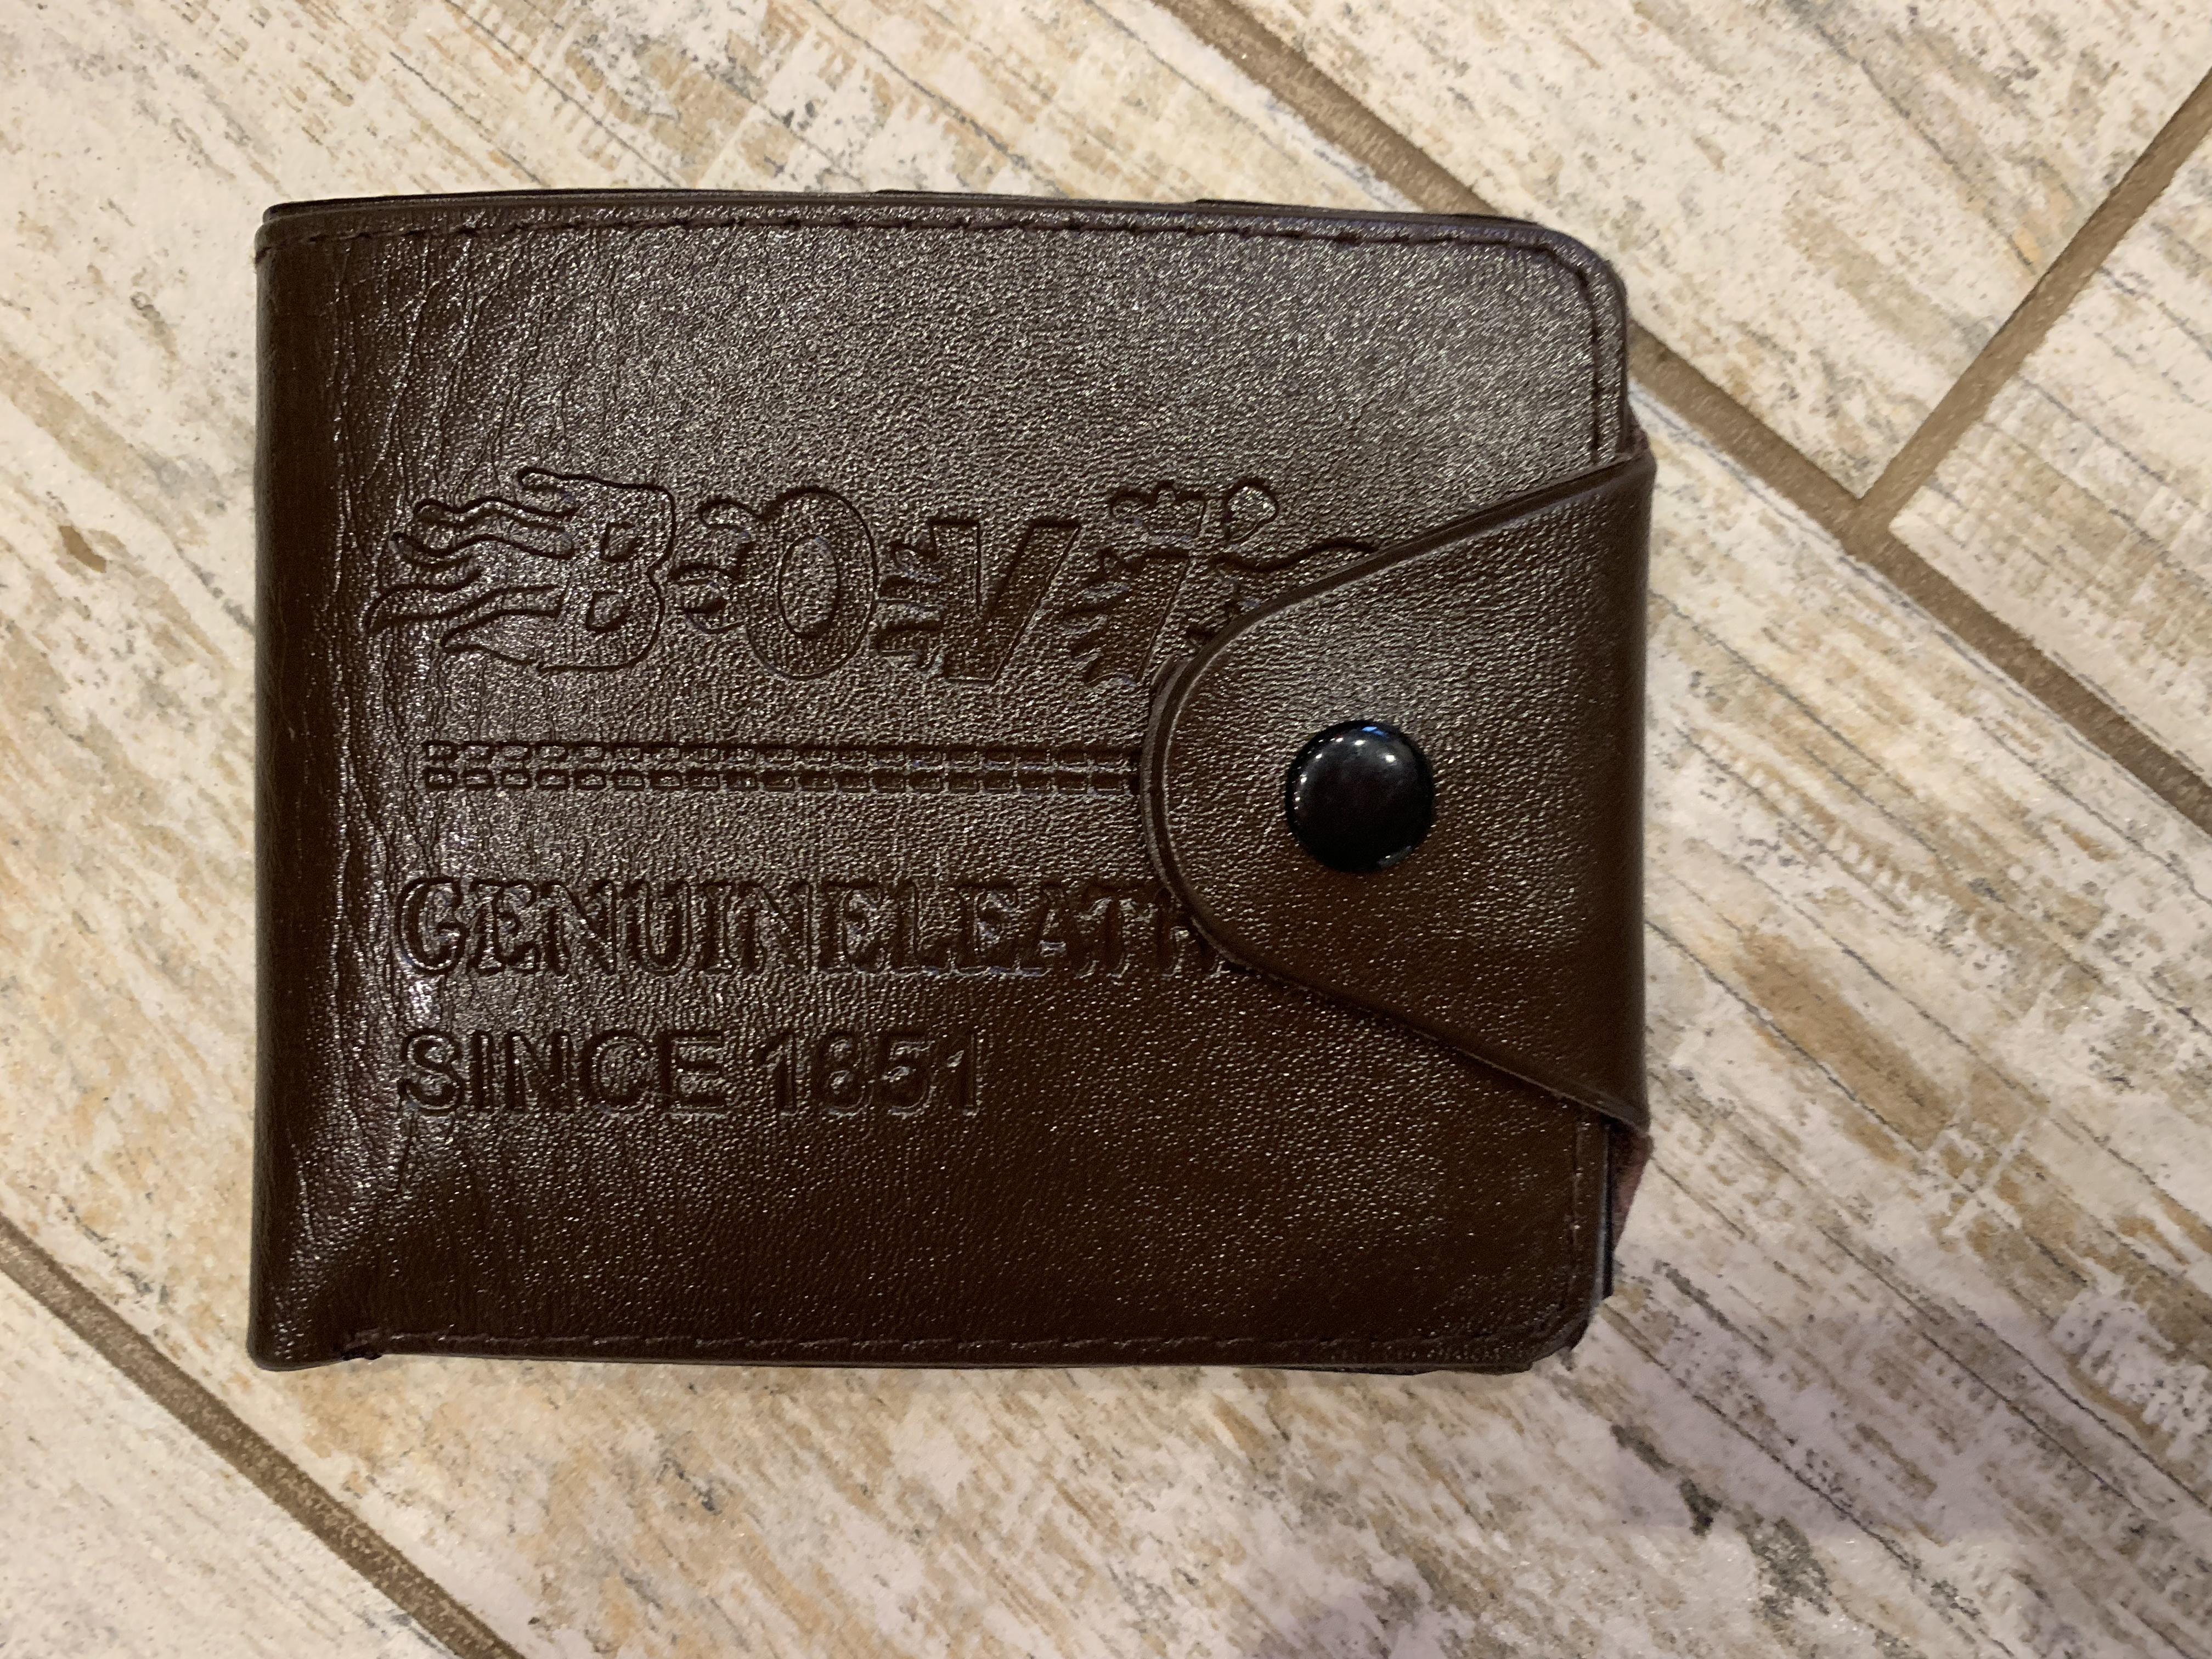 Чем отличается кошелек от портмоне картинки, дню учителя